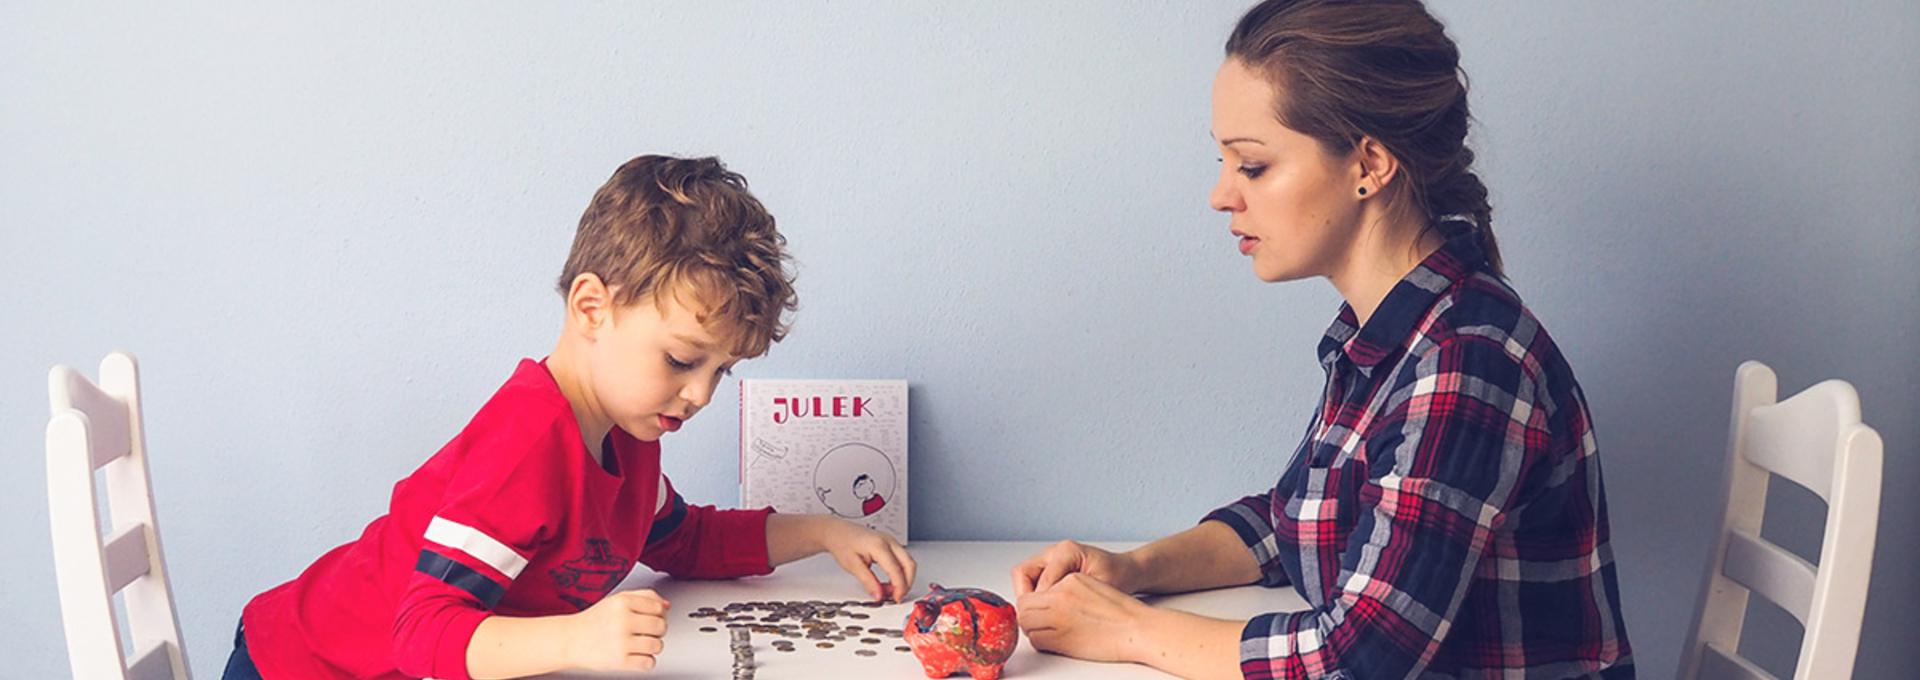 Czy dawać dzieciom pieniądze jako prezent? Spytaliśmy o to autorkę książki o finansach dla najmłodszych [WYWIAD]